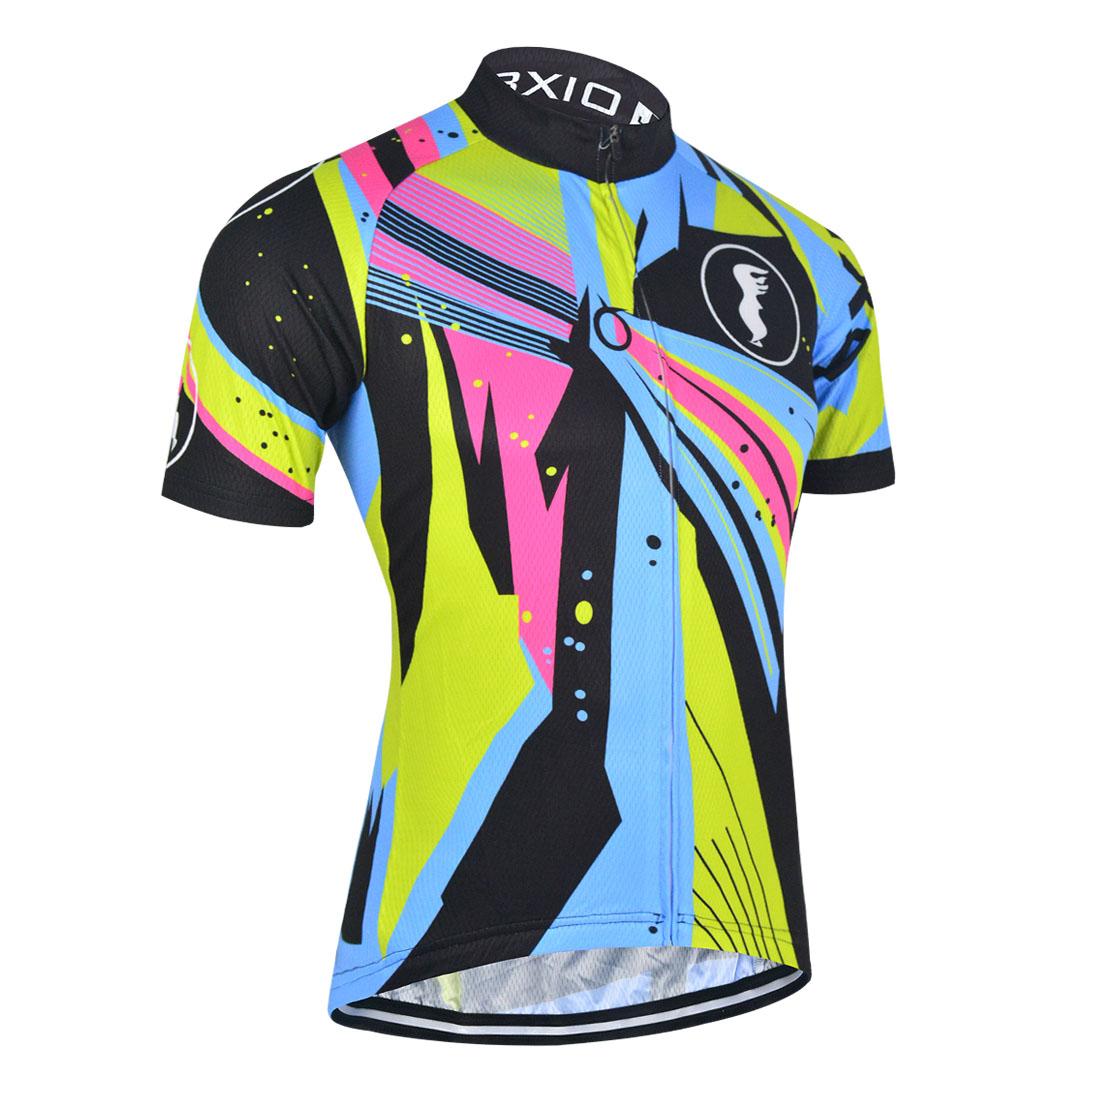 FOX Radtrikot Racing MTB Fahrrad Bike Team Downhill Off-Road TLD Cycling Jersey+